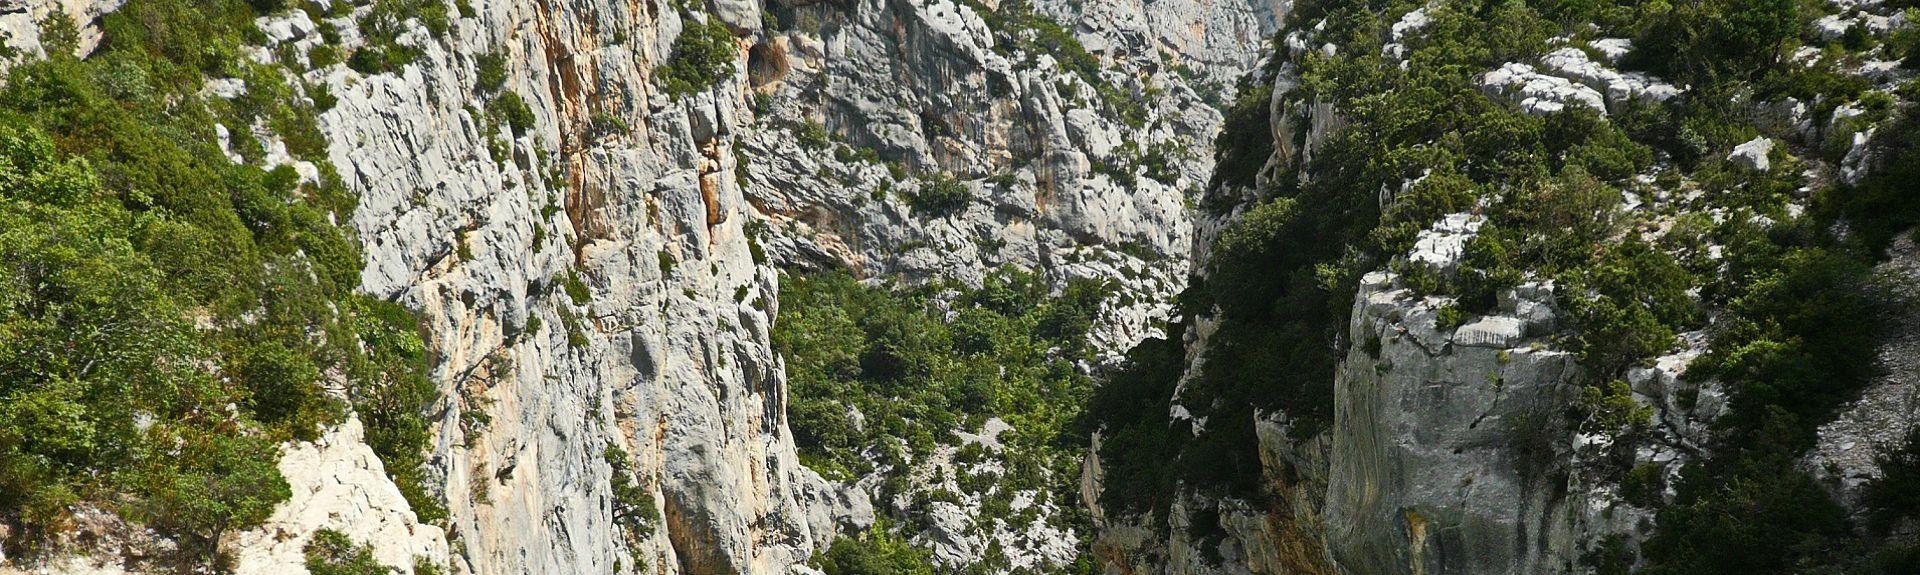 Saint-Étienne-les-Orgues, Alpes-de-Haute-Provence (département), France